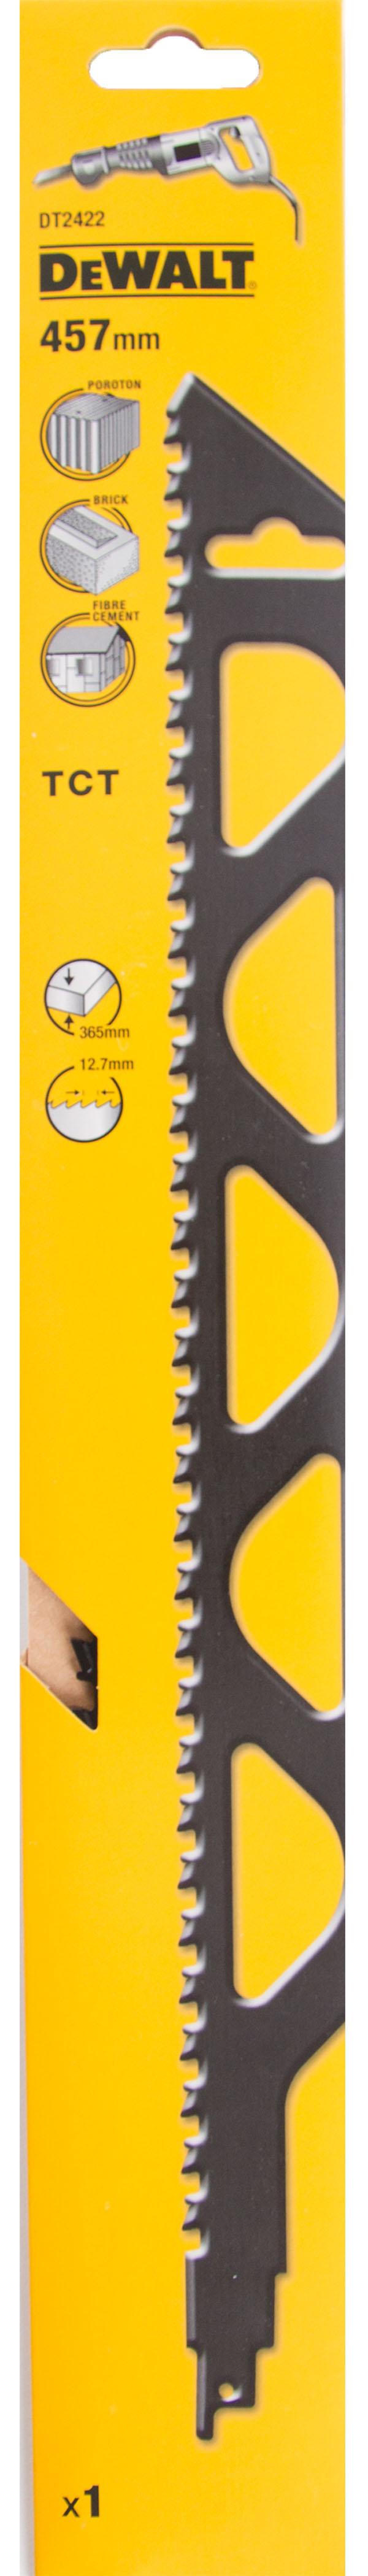 Полотно для сабельной пилы Dewalt 457мм, tpi 2, НМ, 1шт/уп (dt2422-qz) полотно dewalt dt2422 для сабельной пилы s2243hm 457 мм dt2422 qz